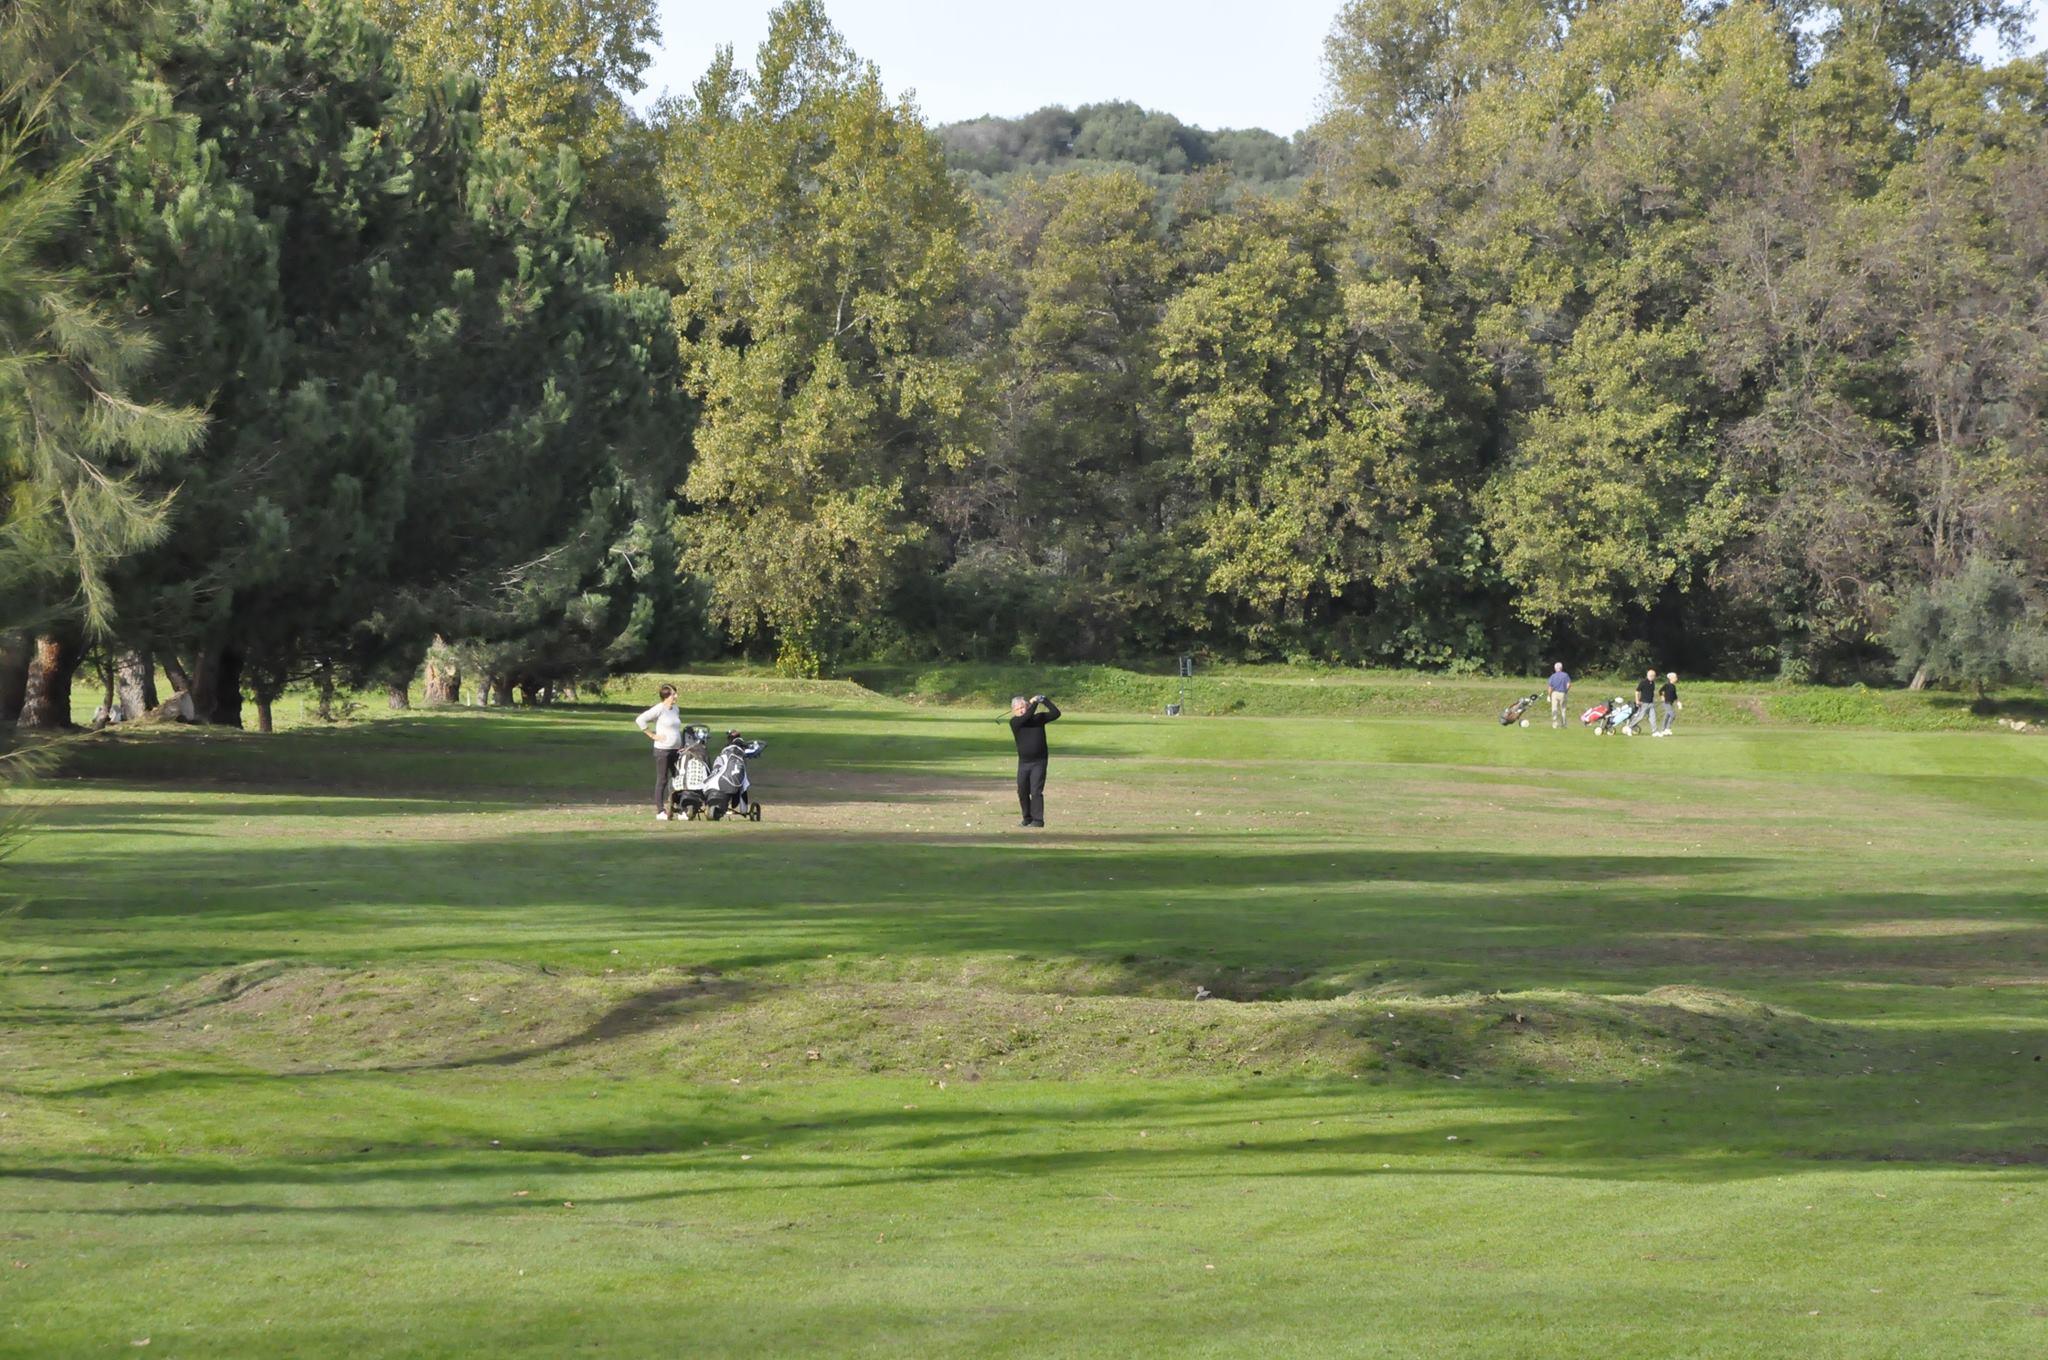 Giga golf